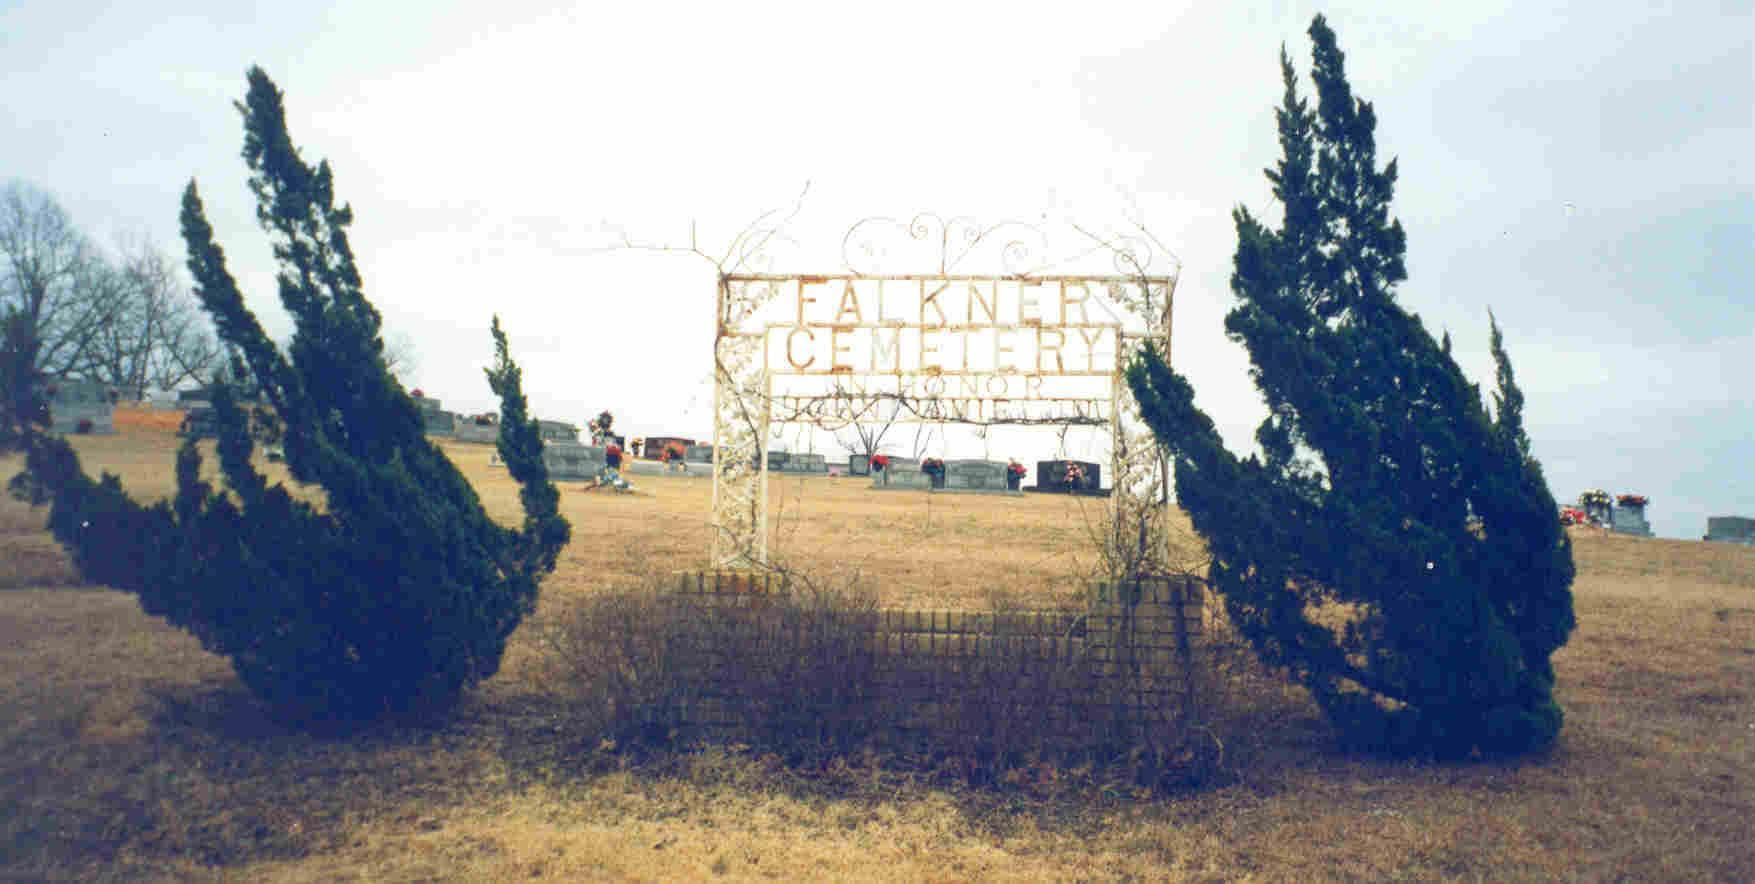 Falkner Cemetery